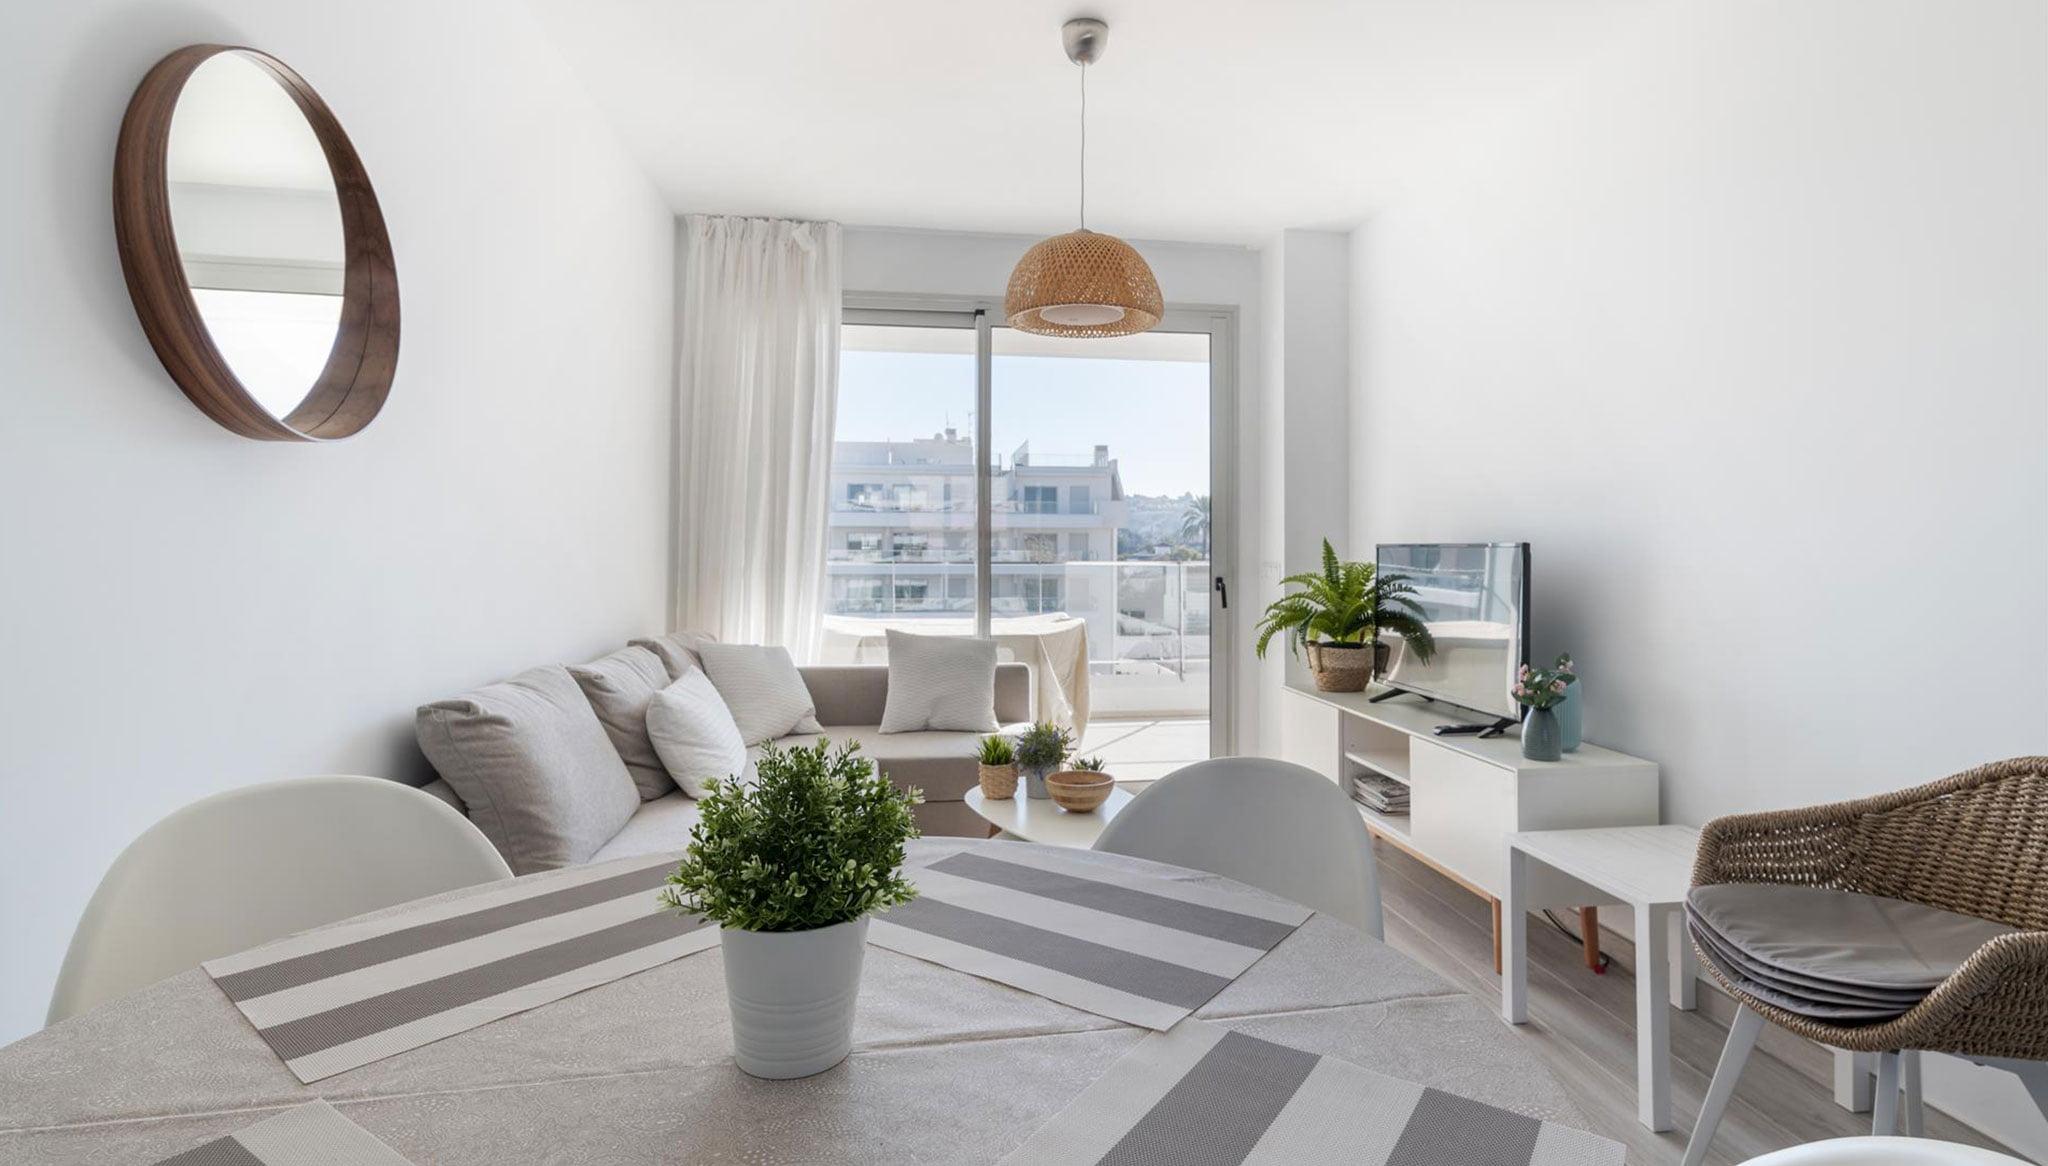 Saló-menjador d'un apartament de lloguer a la urbanització Marina Reial a Dénia - Quality Rent a Vila